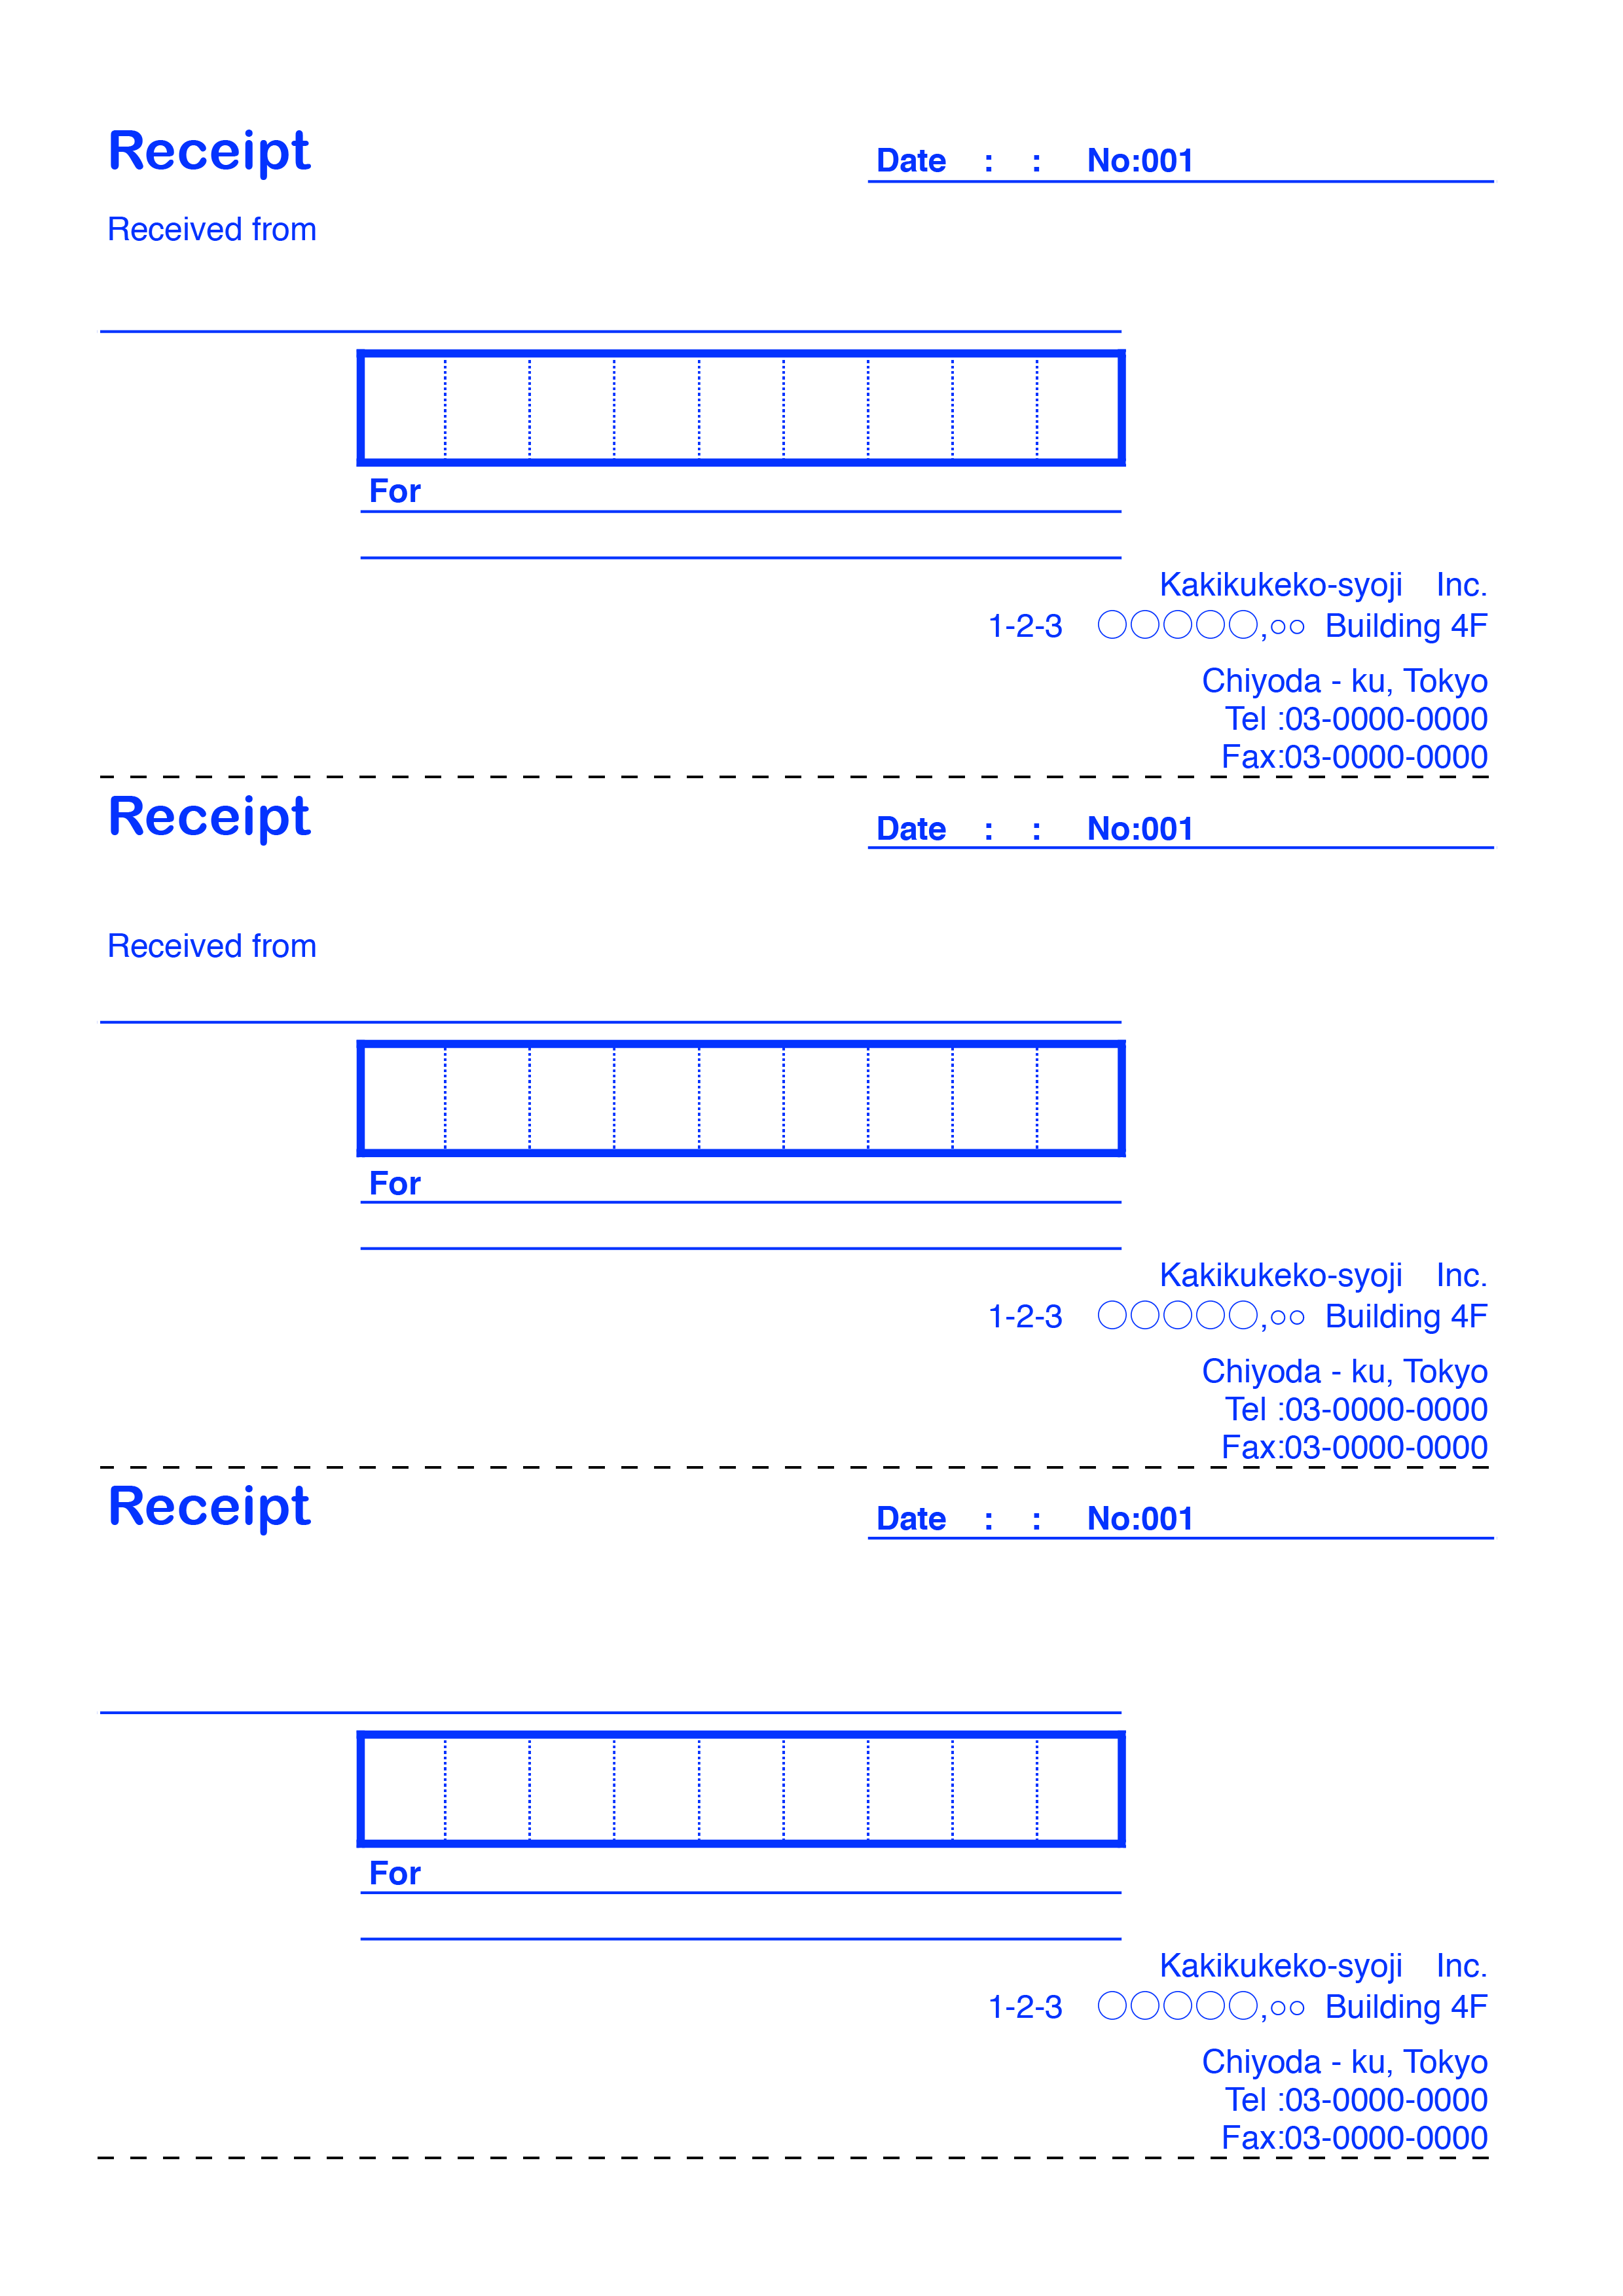 おしゃれな英字の領収書(Receipt)テンプレート(エクセル・ナンバーズ)3枚つづり ブルー